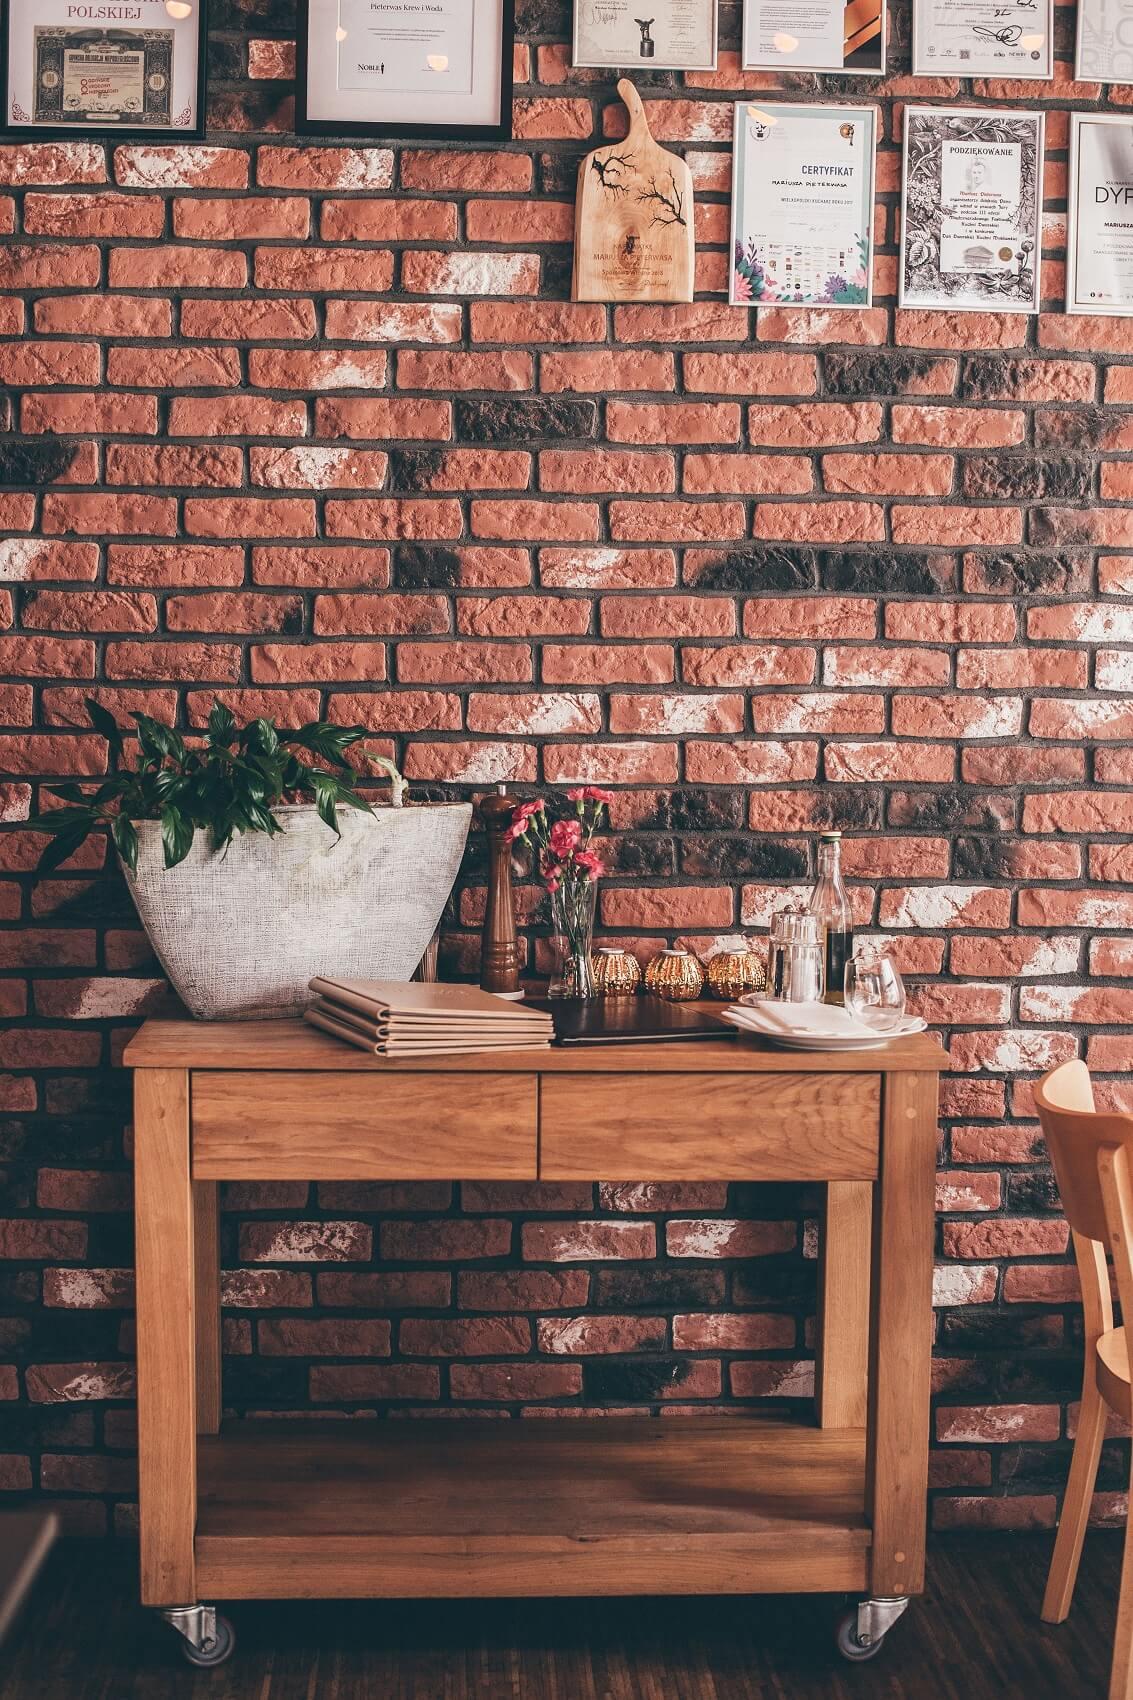 krew i woda 1 4 - Restauracja z charakterem: Pieterwas Krew i Woda